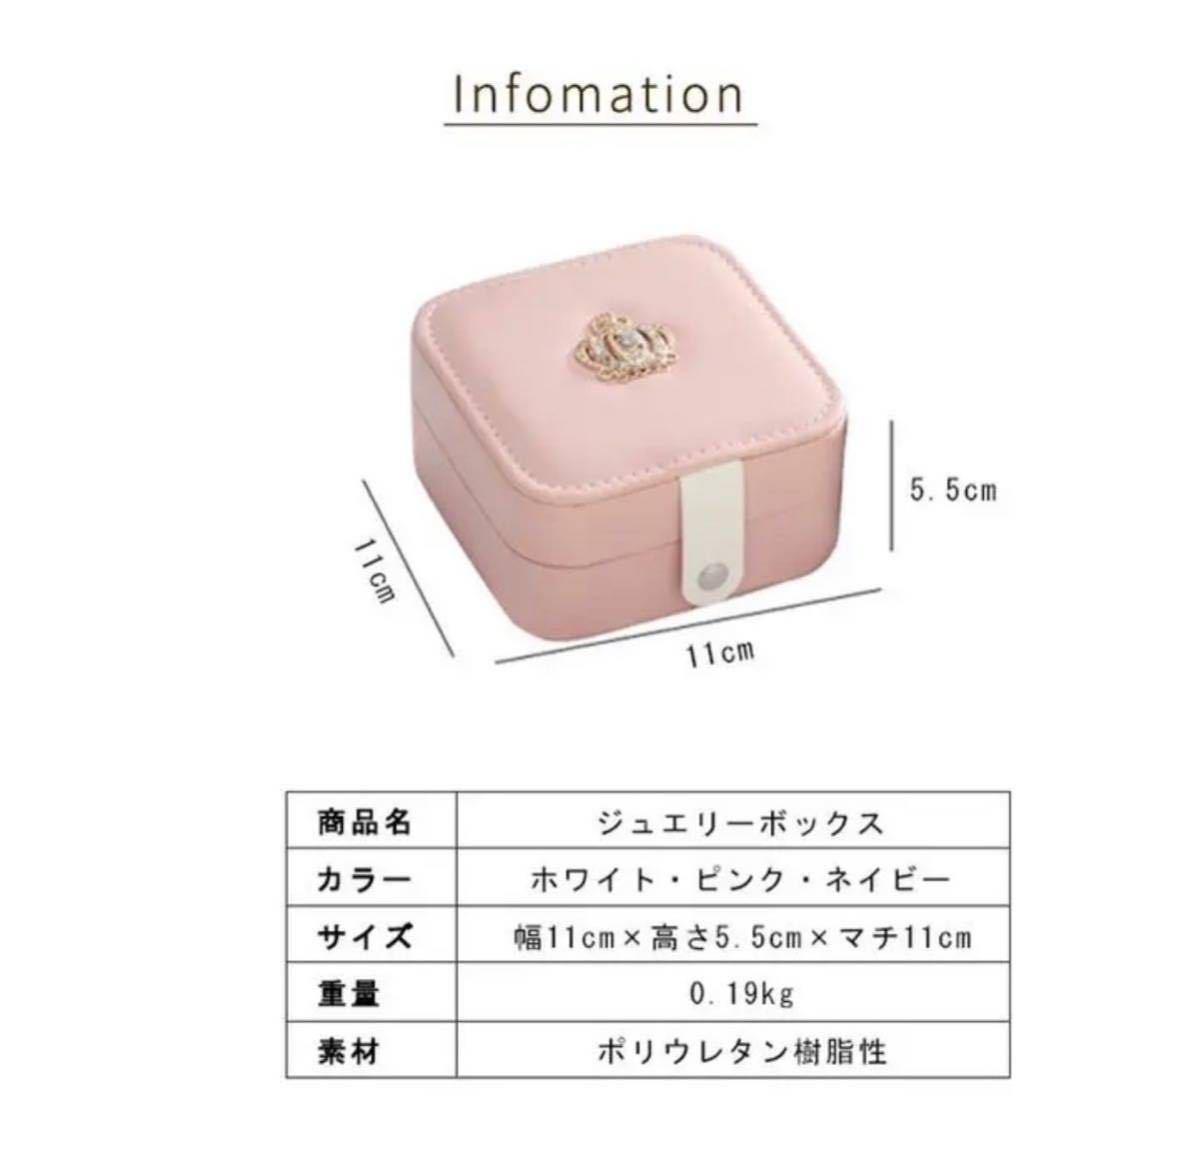 (ピンク)新品未使用・ジュエリーボックス アクセサリーケース 小物収納 ピアス イヤリング 指輪 ネックレス 収納_画像6